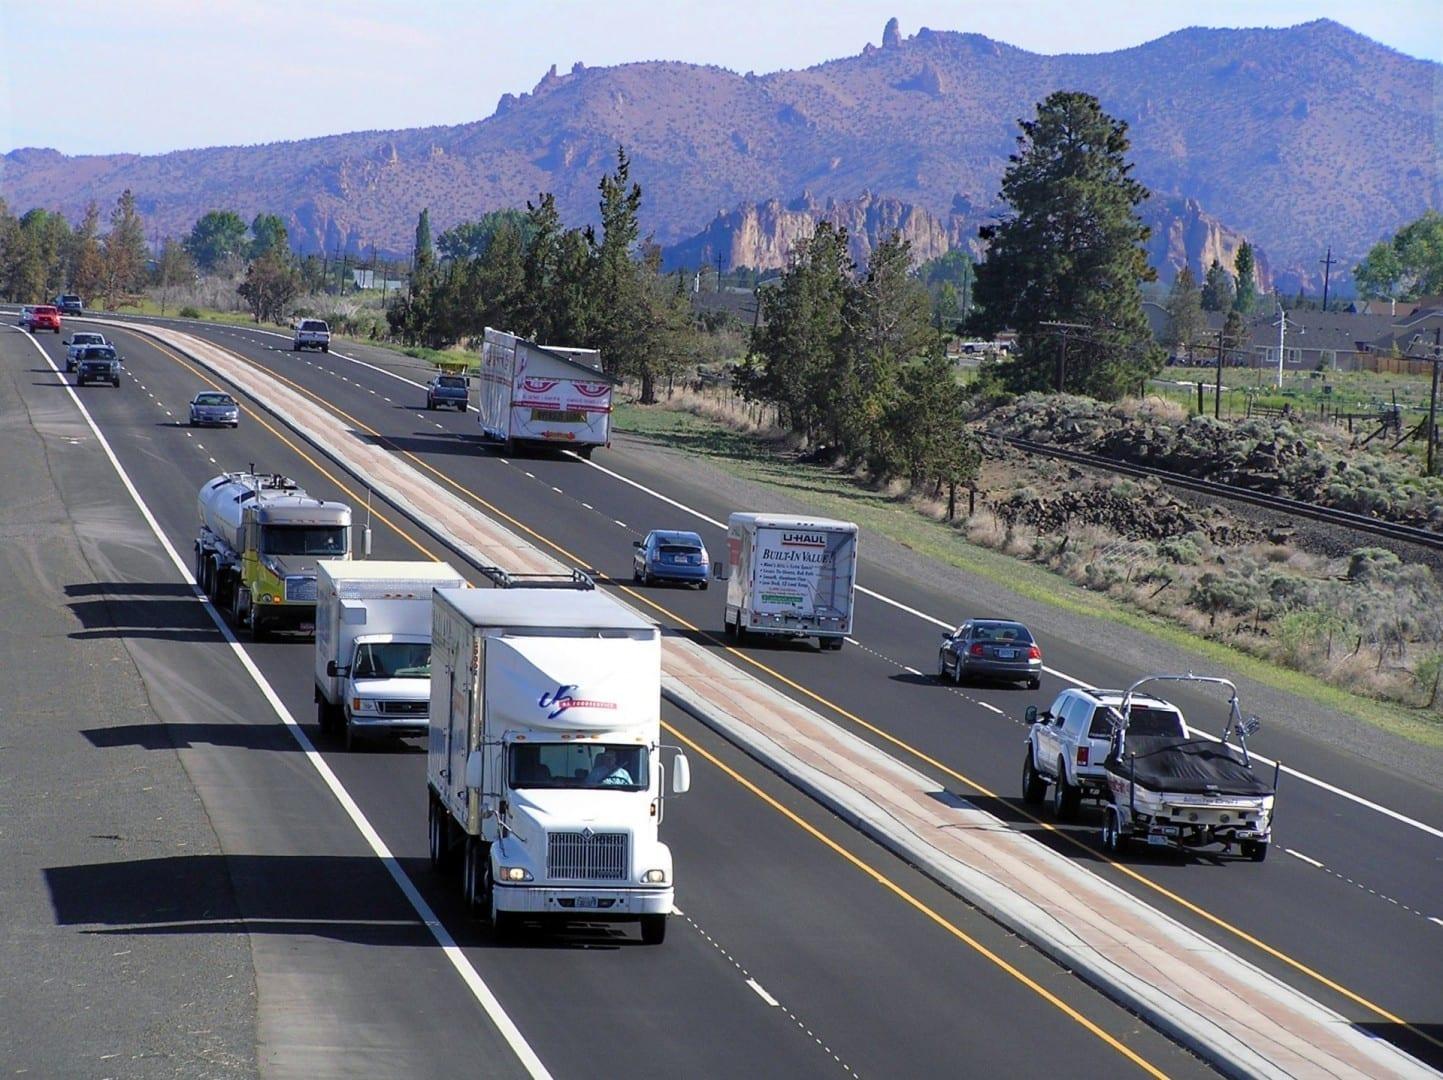 Vista del Parque Estatal Smith Rock desde la autopista 97 en Redmond Redmond OR Estados Unidos